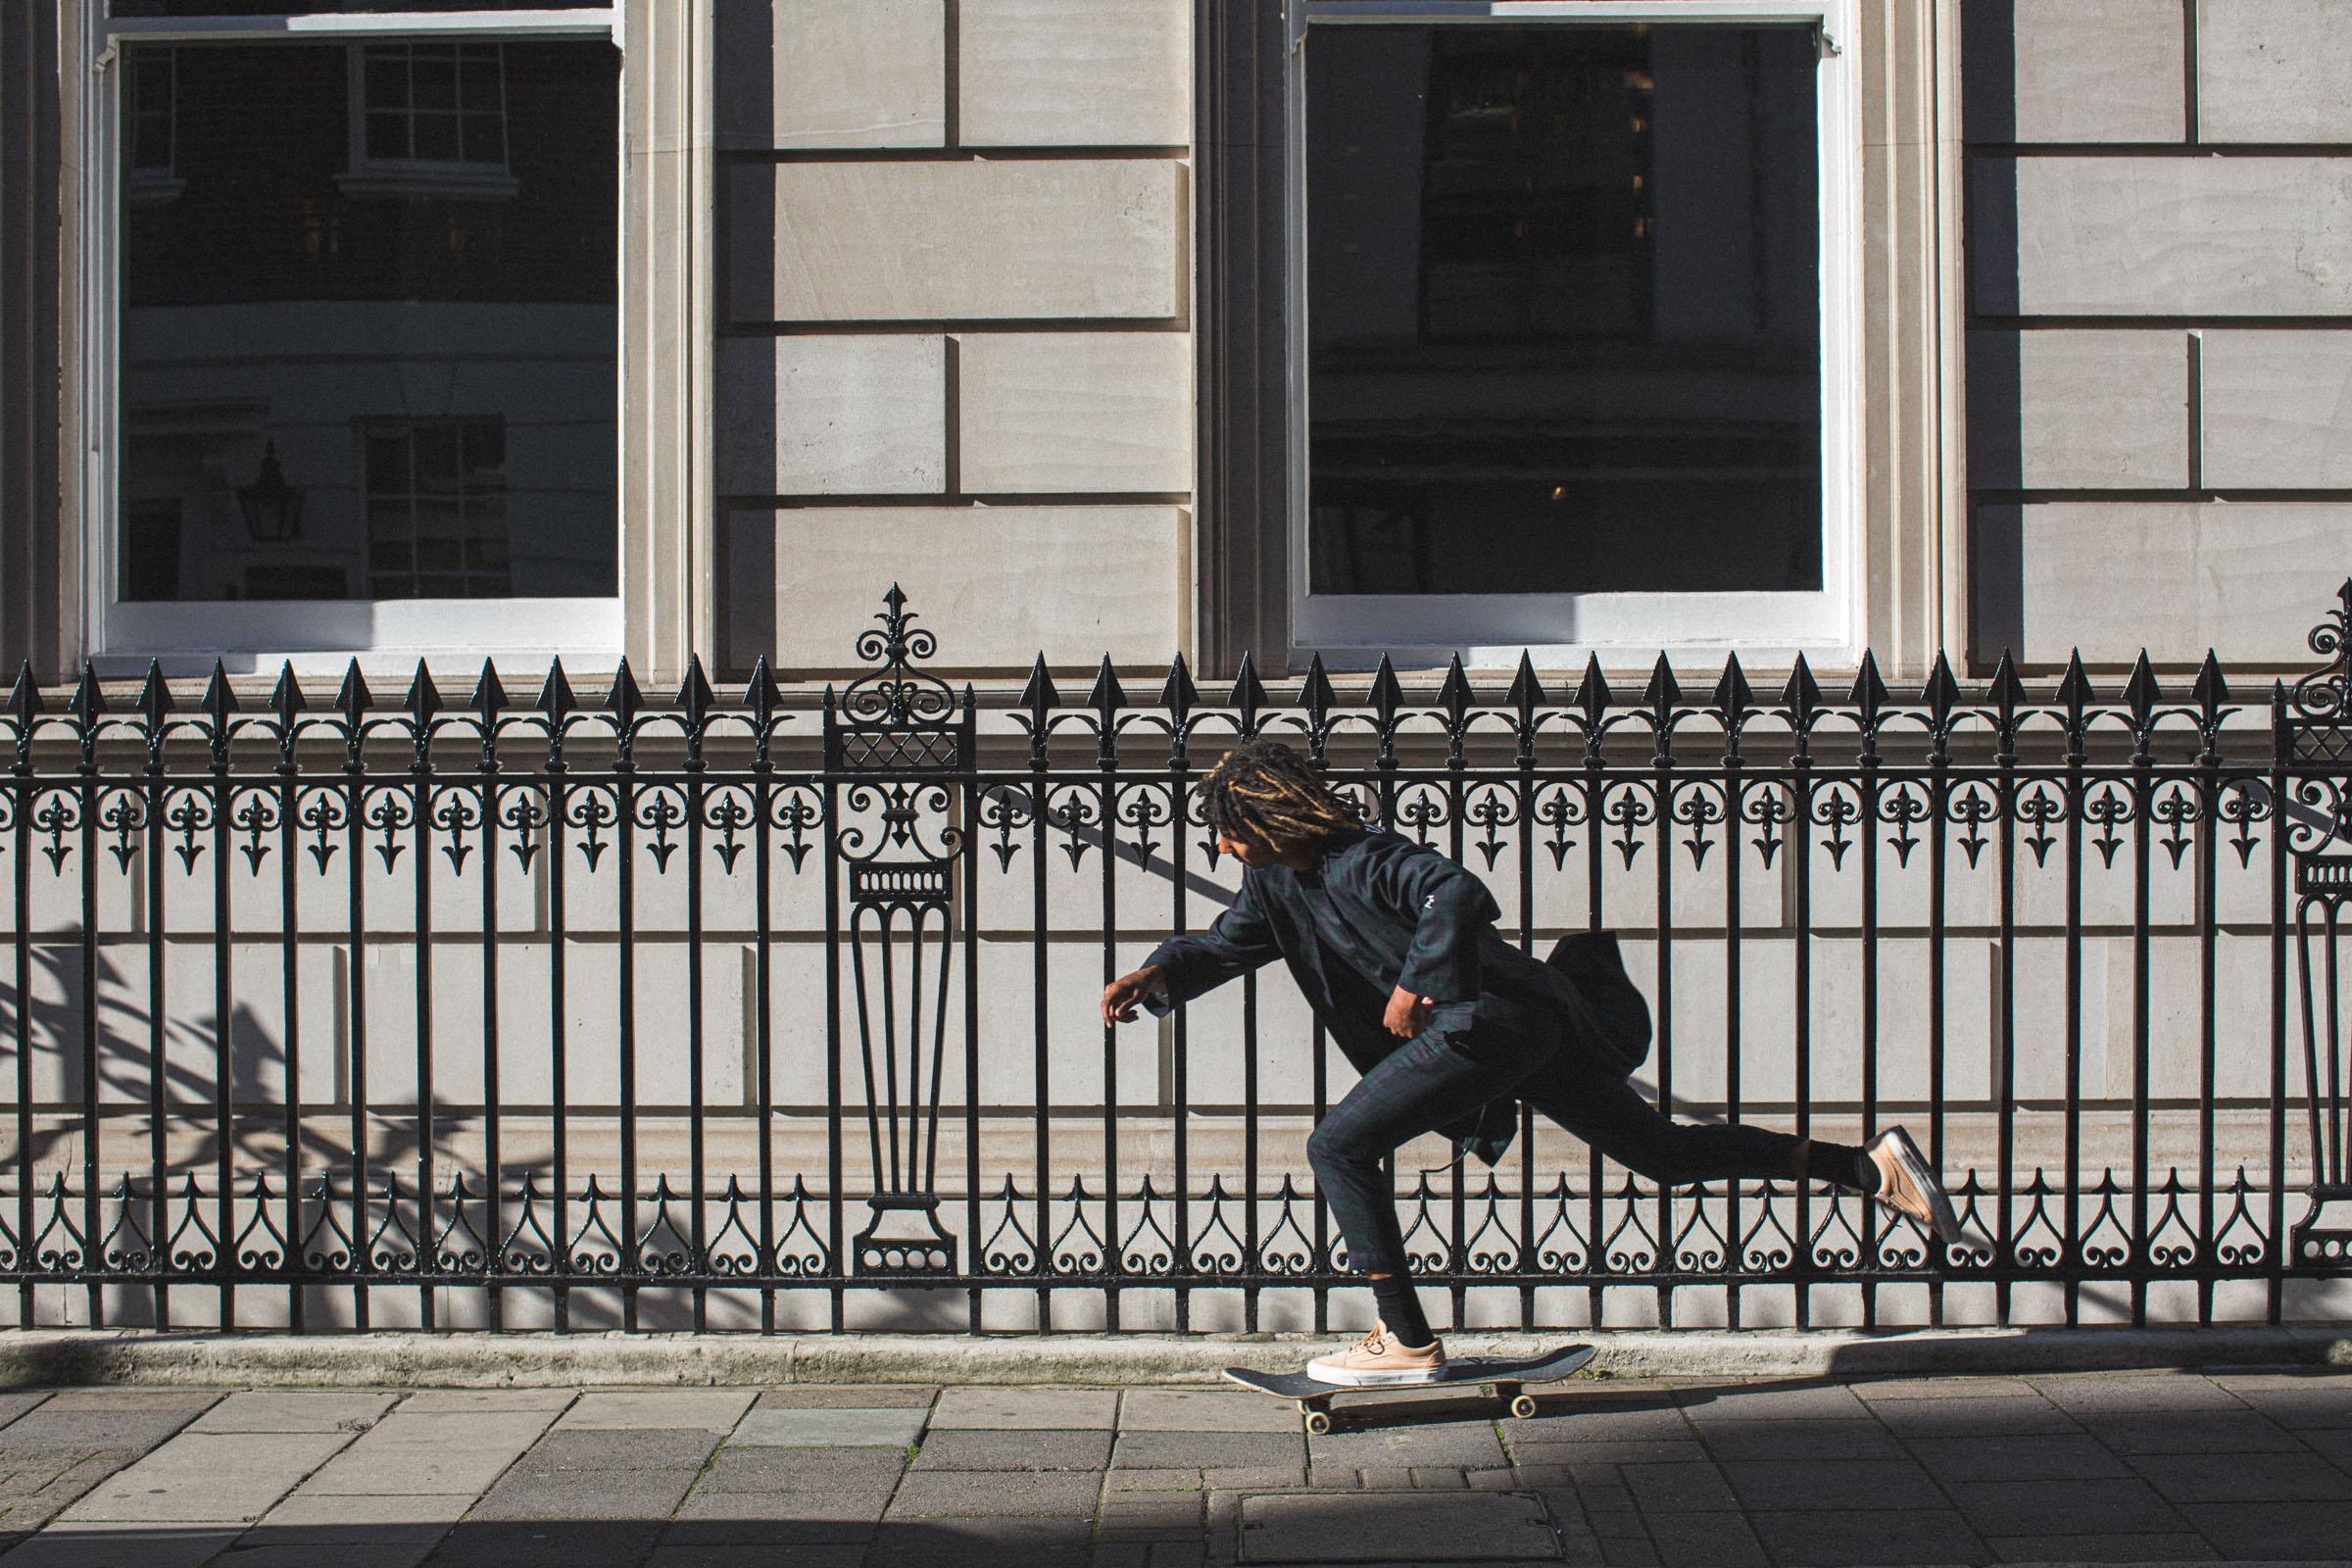 Action - Skateboarding, London